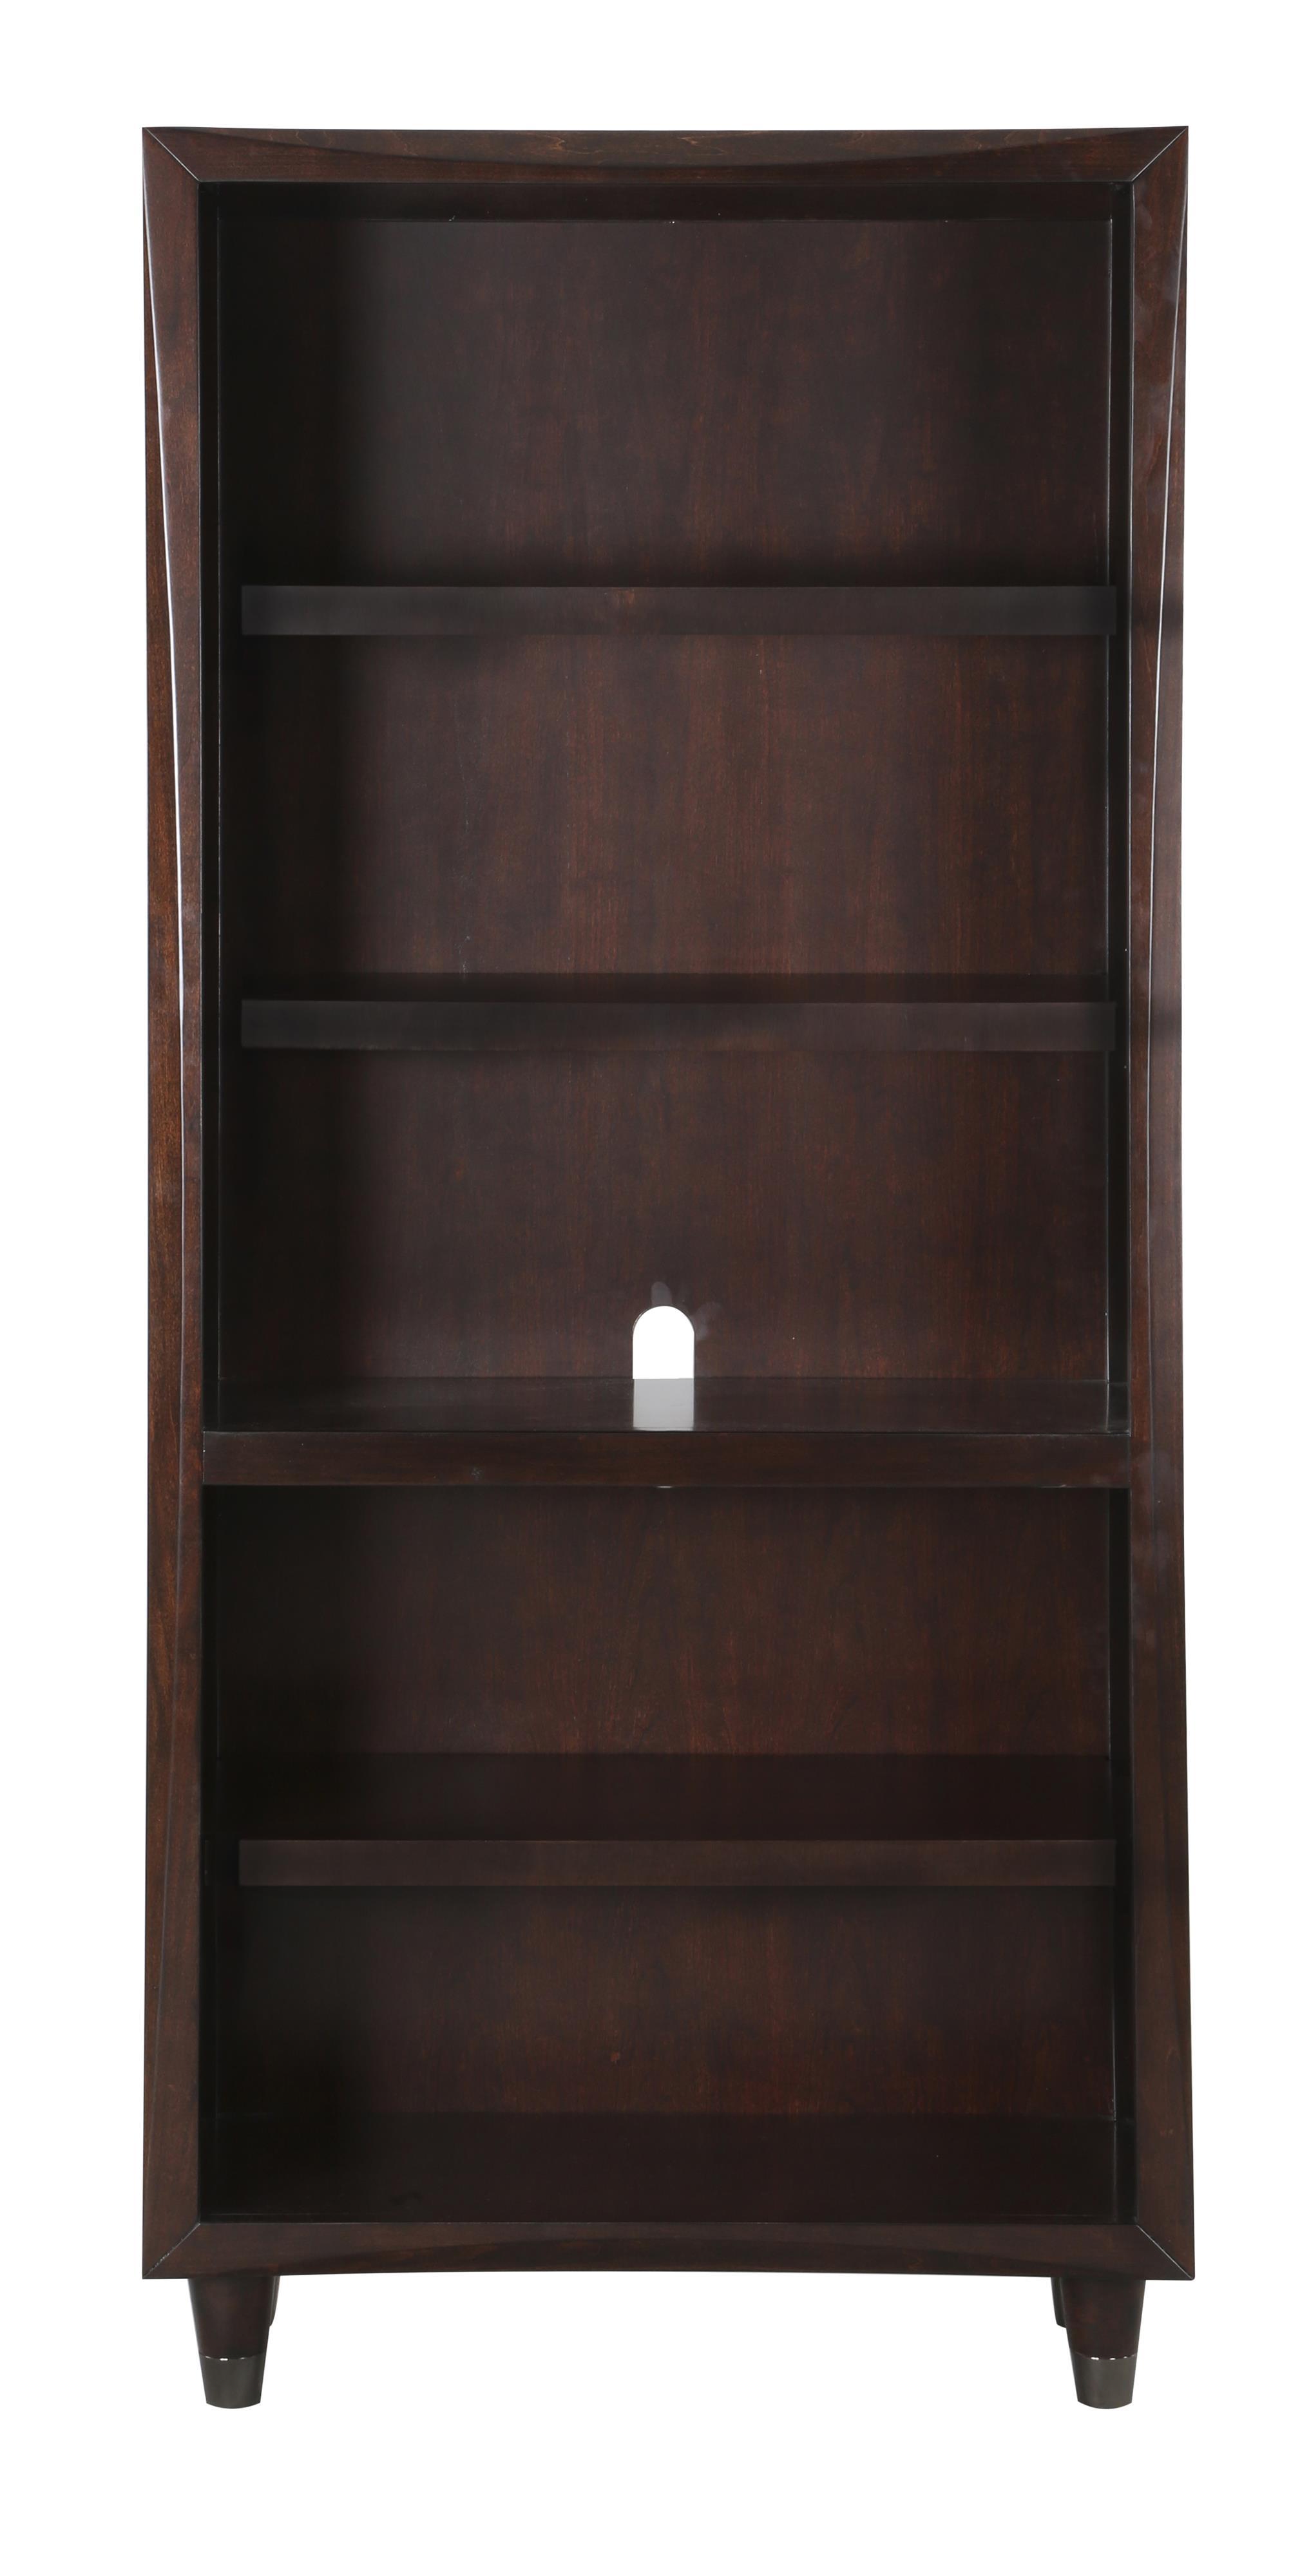 Magnussen Home Fuqua Bookcase - Item Number: H1794-20